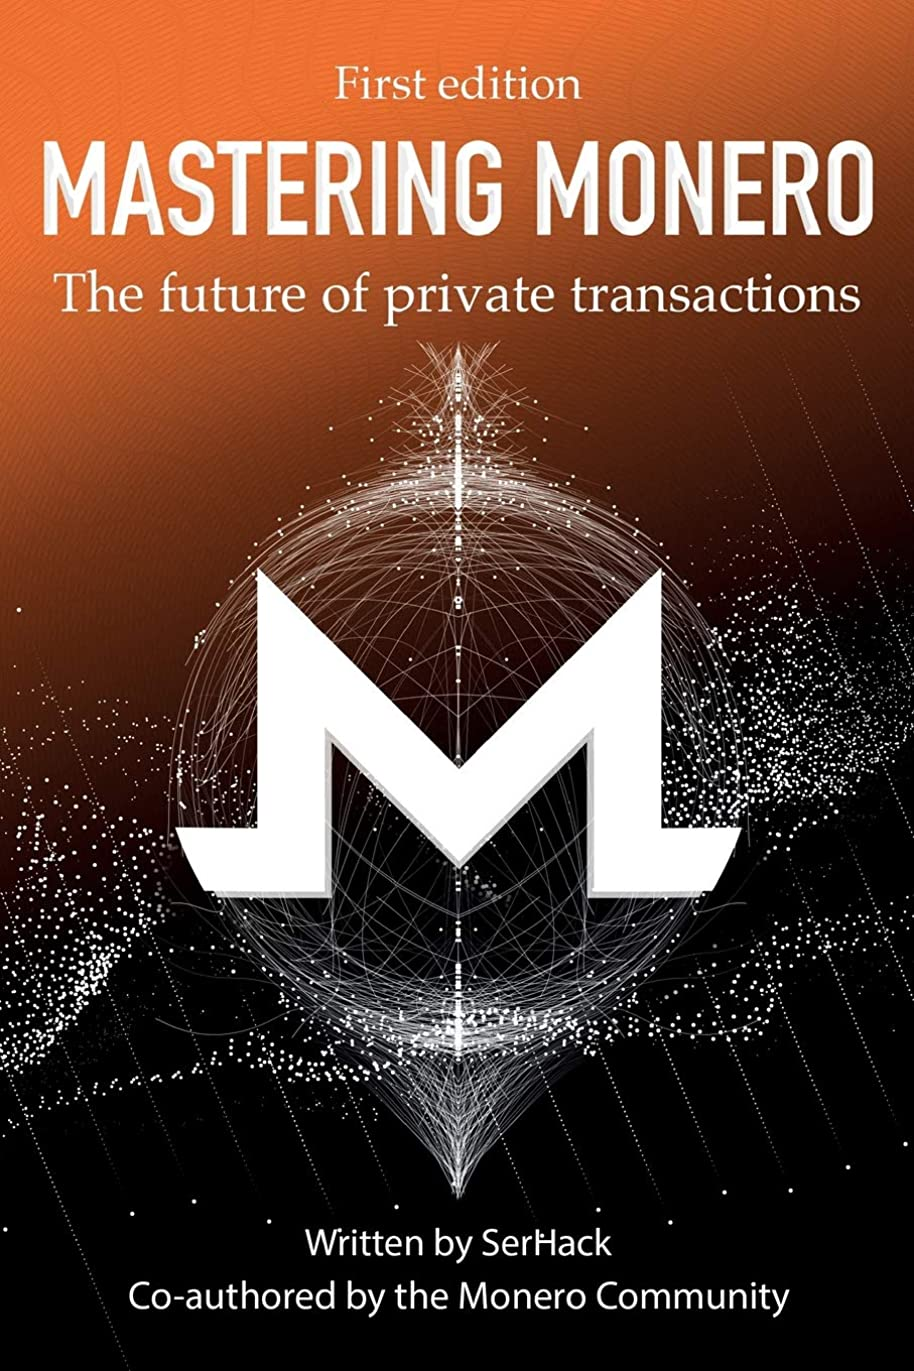 バウンド群集迷惑Mastering Monero: The future of private transactions